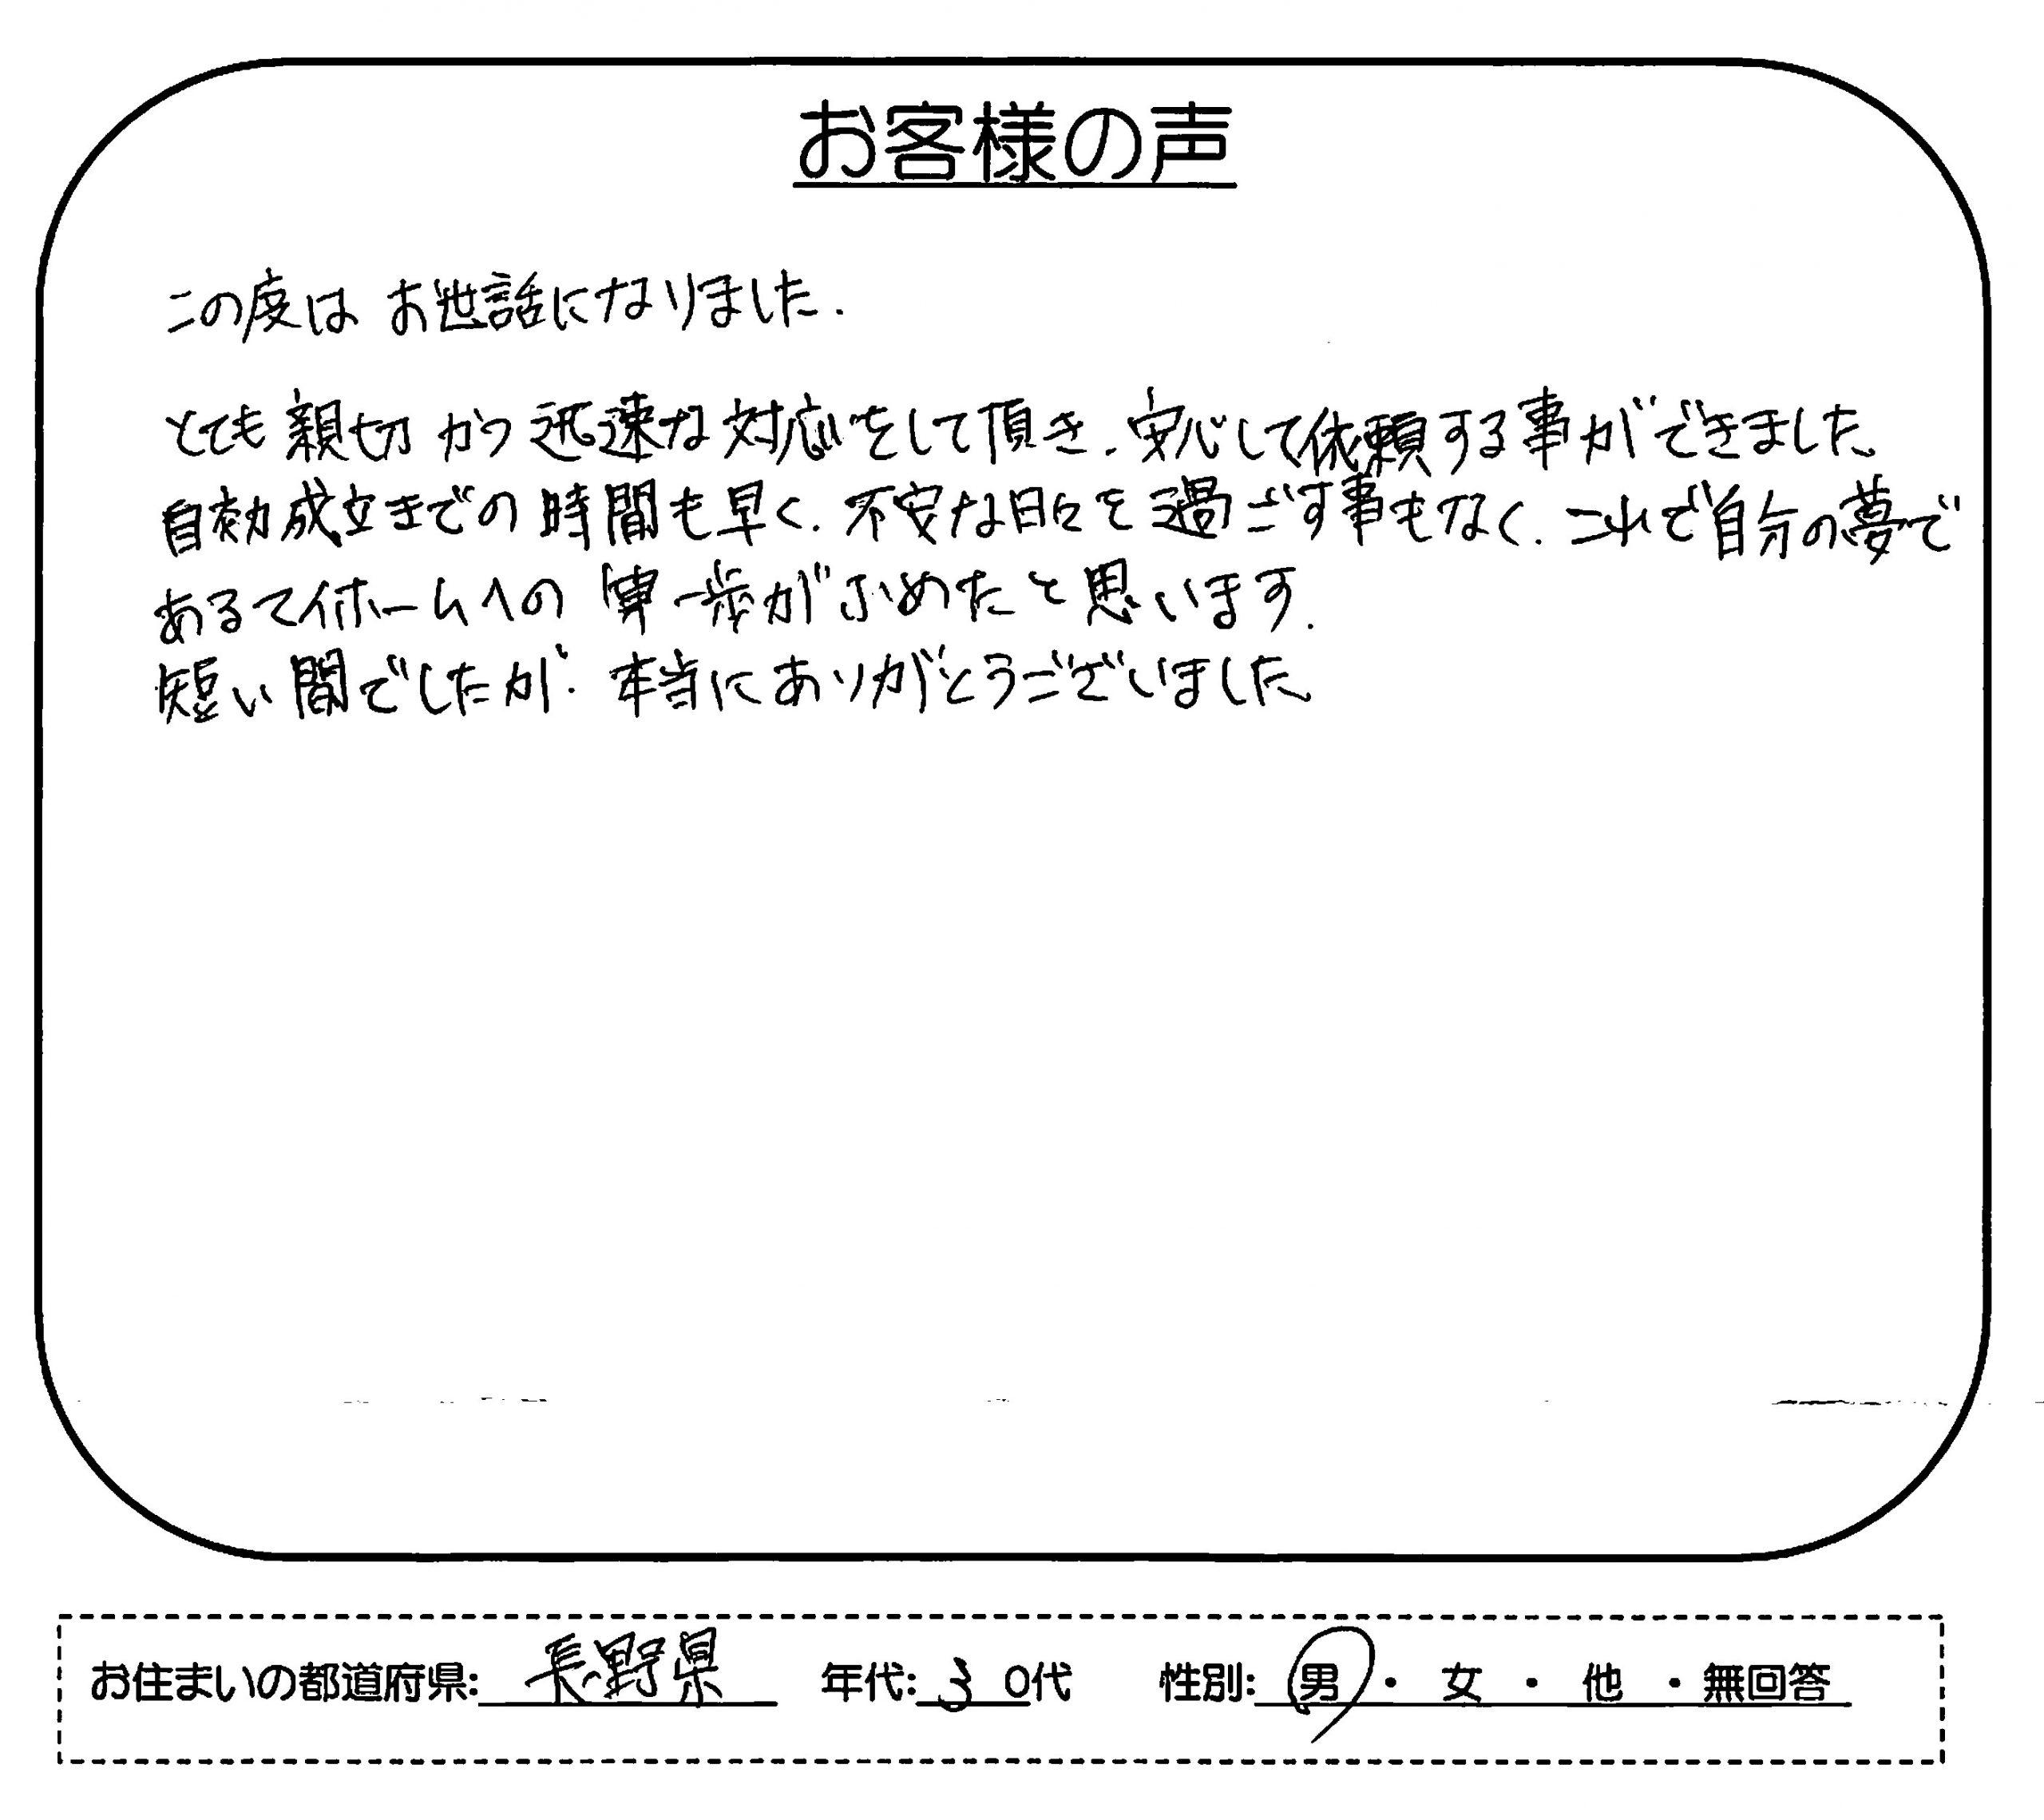 アコム 銀行への時効援用の口コミ・評判